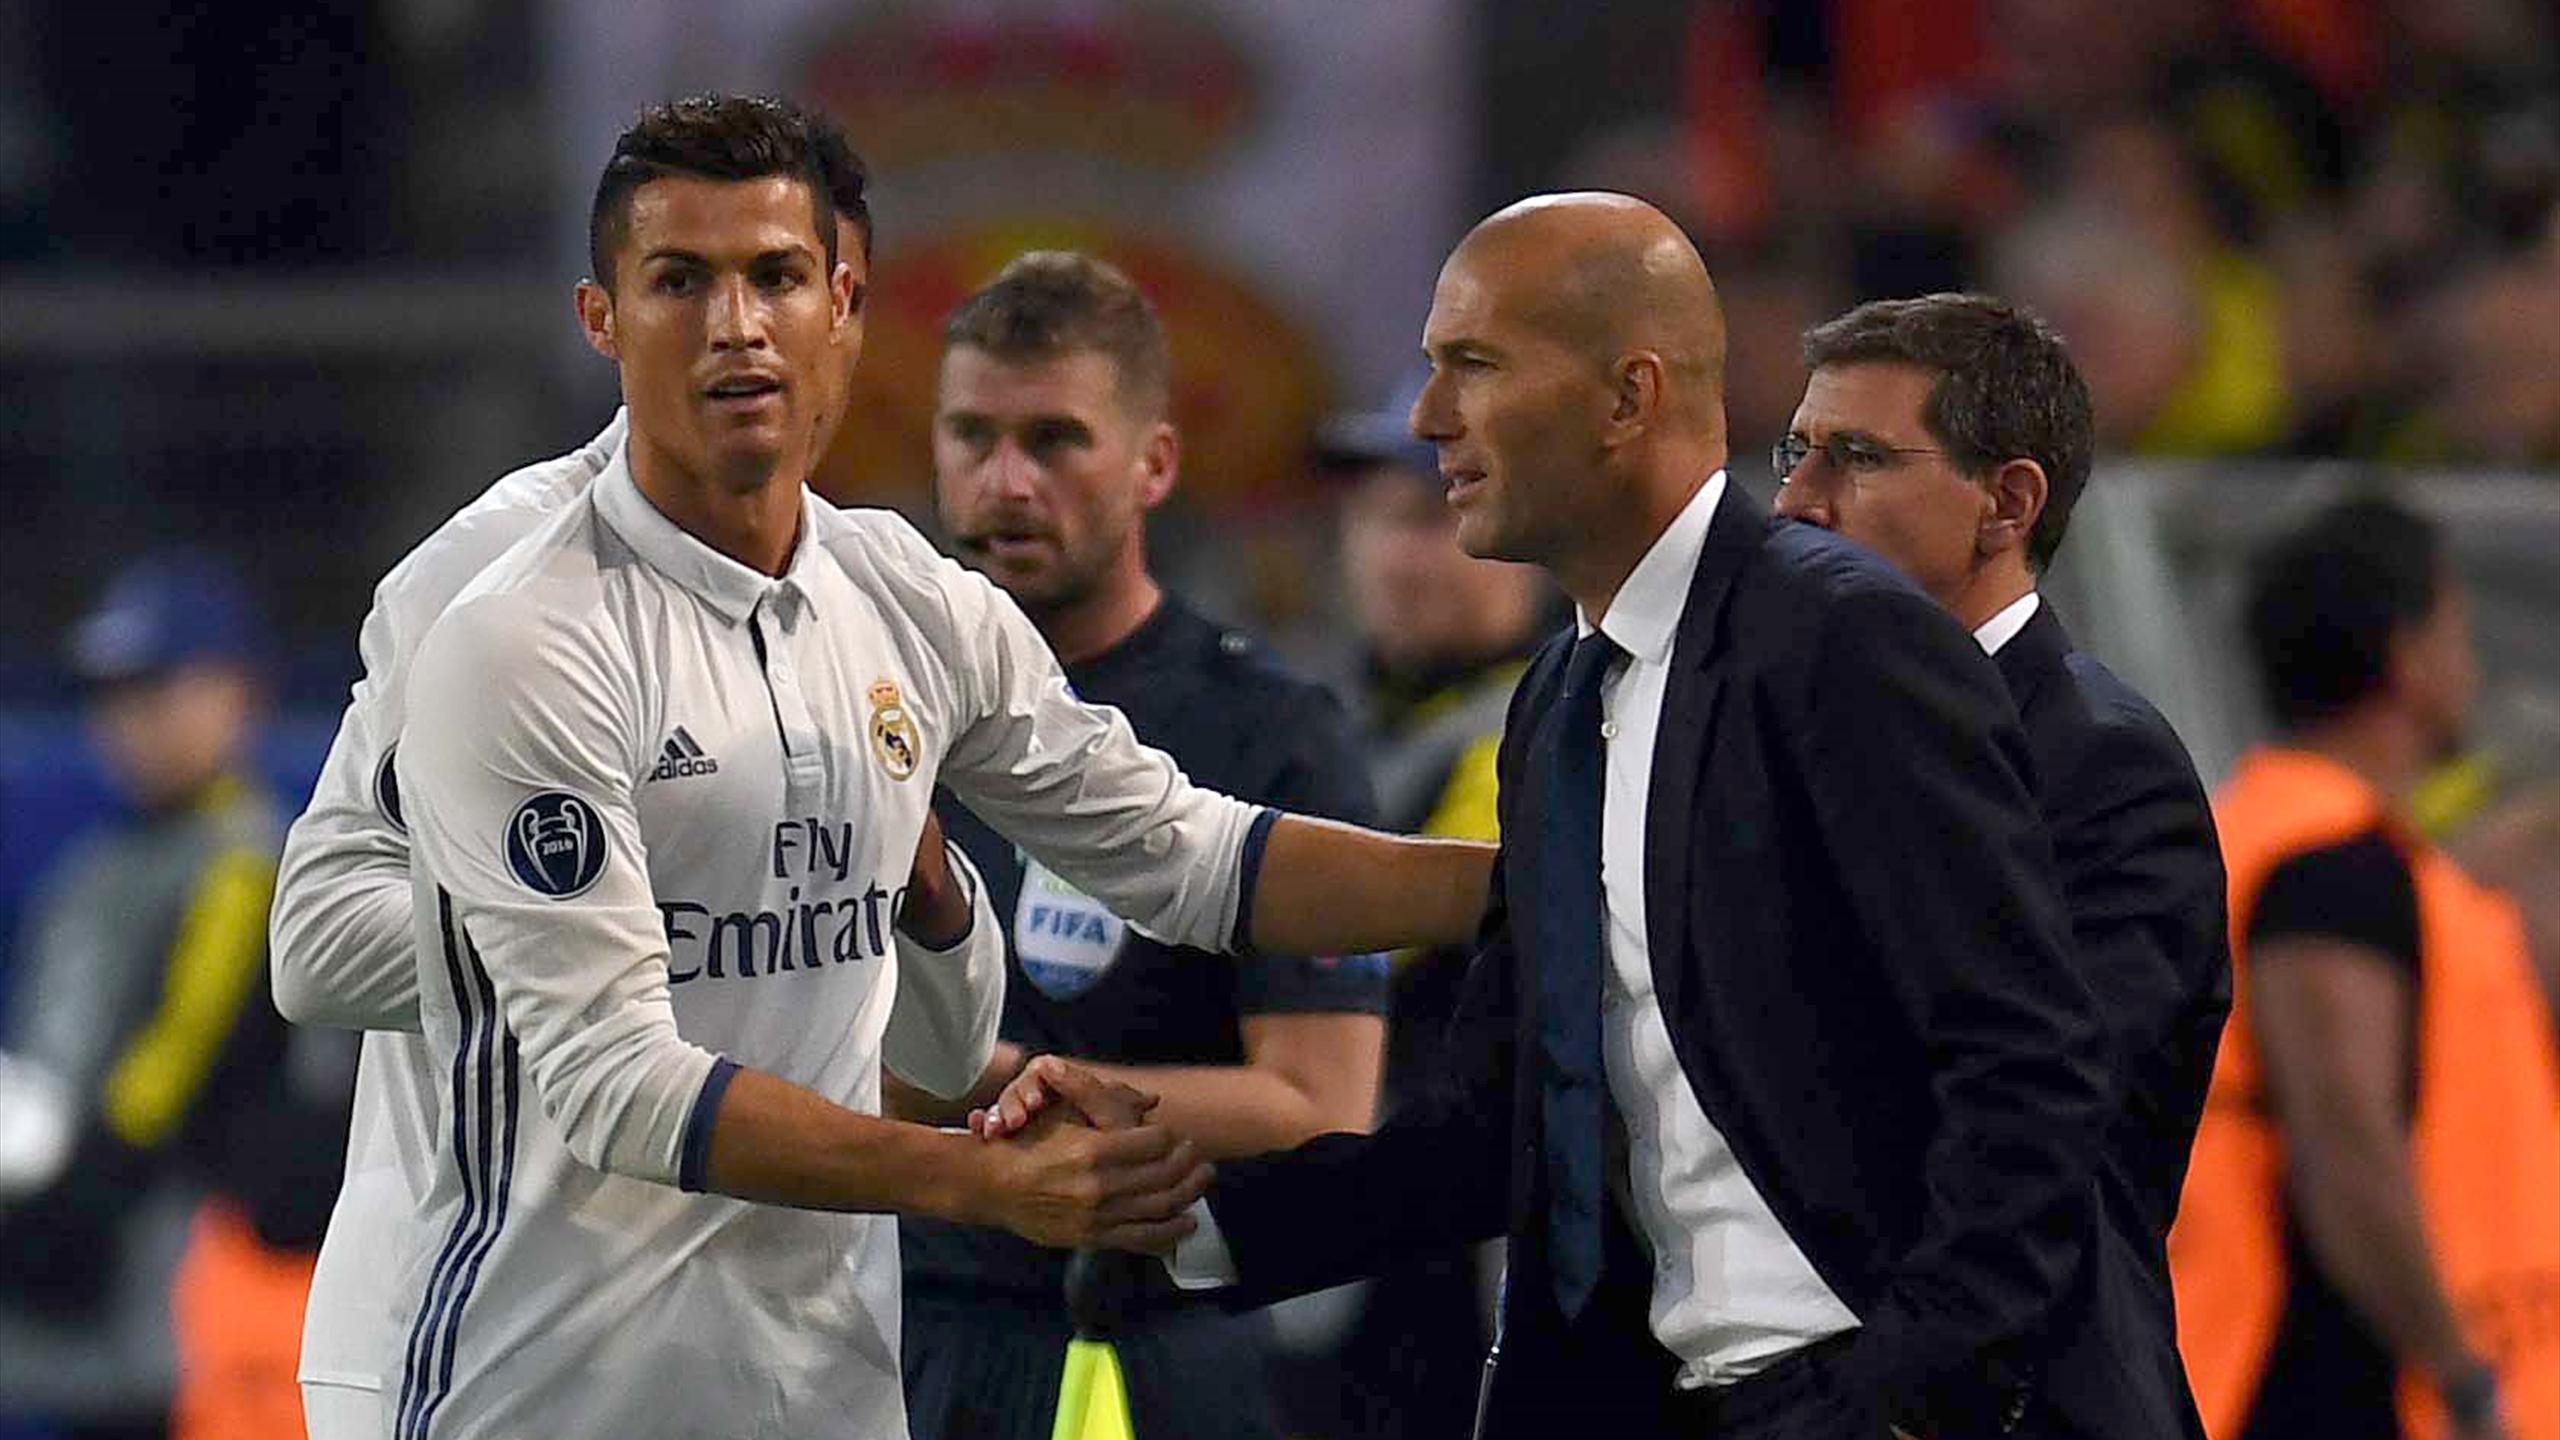 Криштиану Роналду, Зинедин Зидан («Реал Мадрид»)